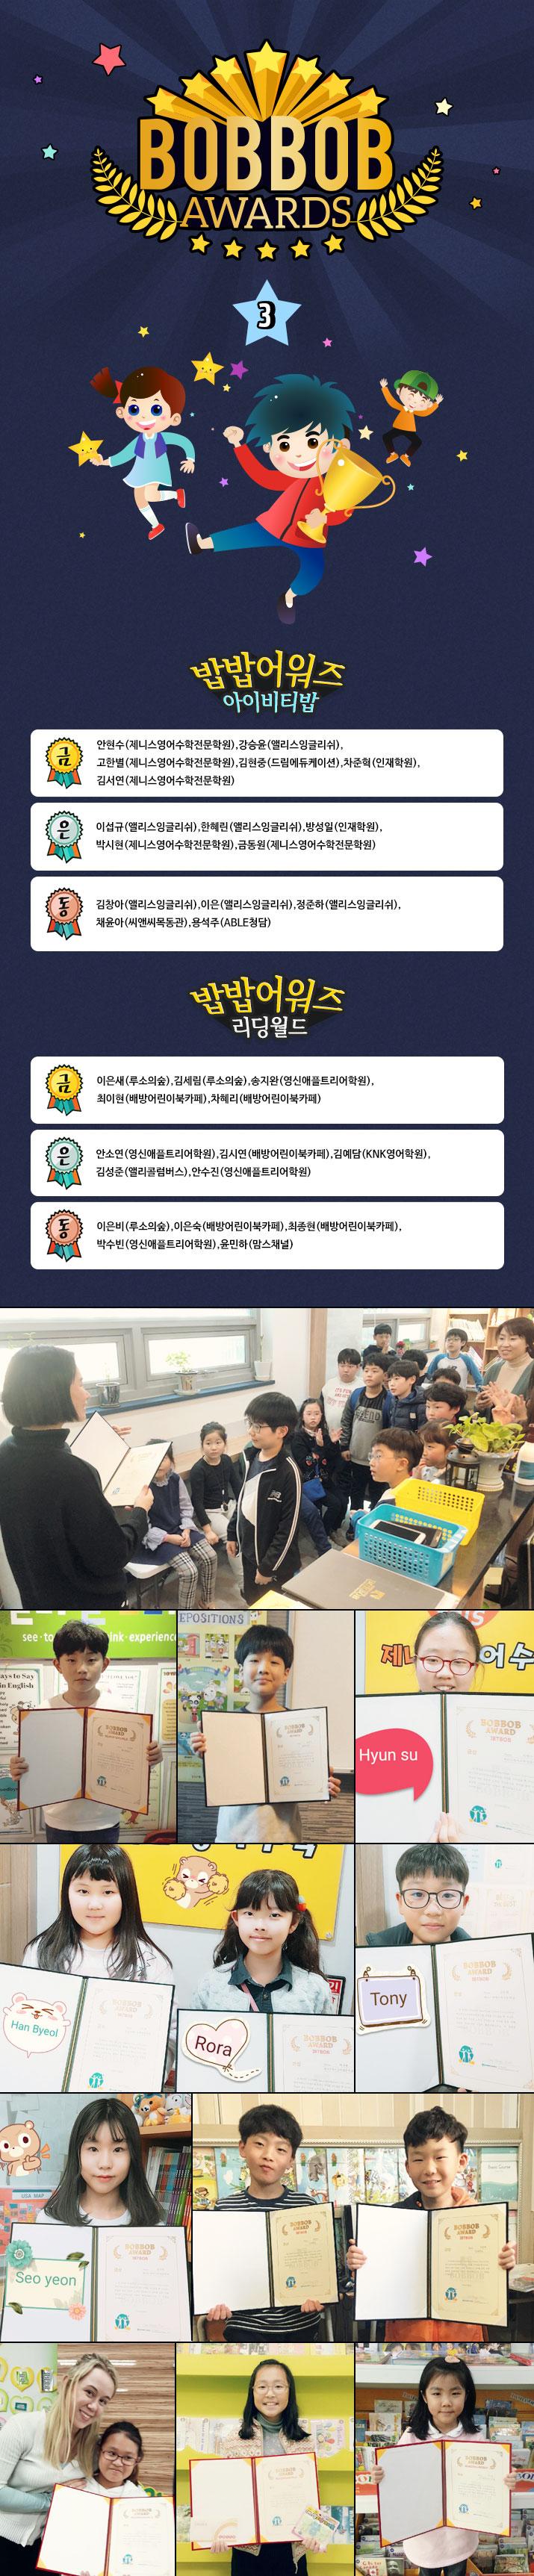 2018년 3월 밥밥랭킹 시상식